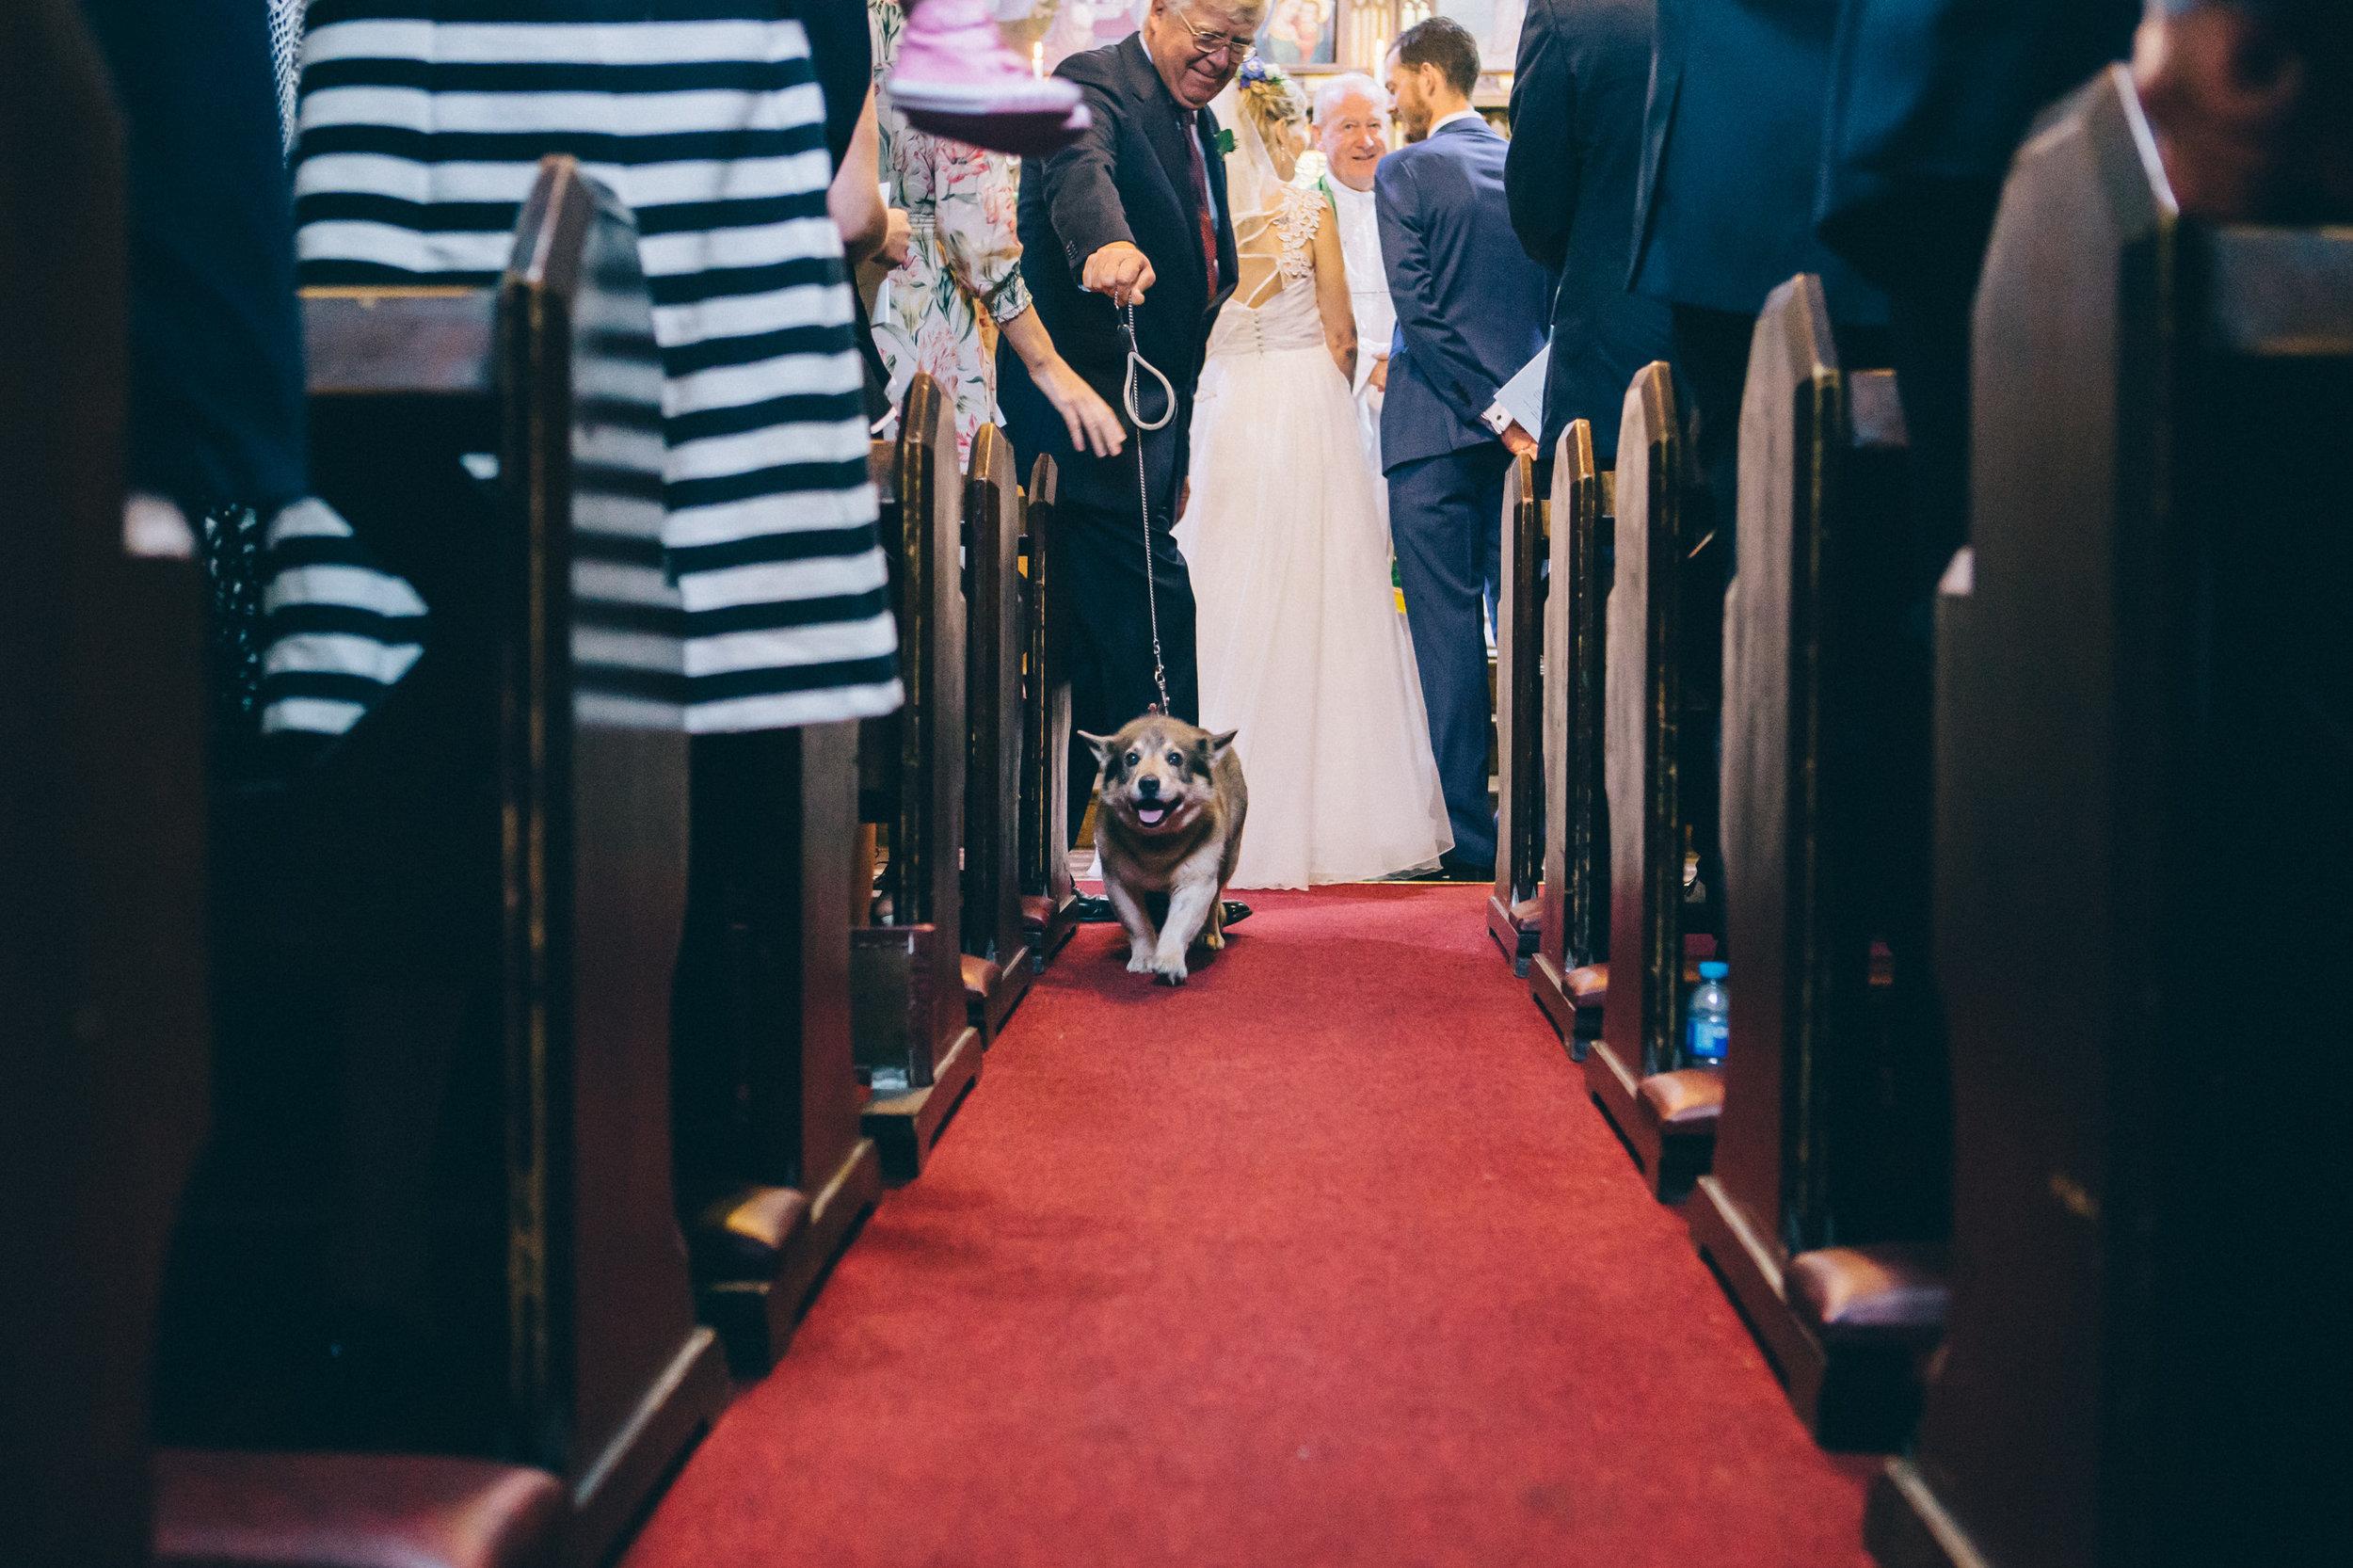 uk wedding photographer artistic wedding photography-64.jpg